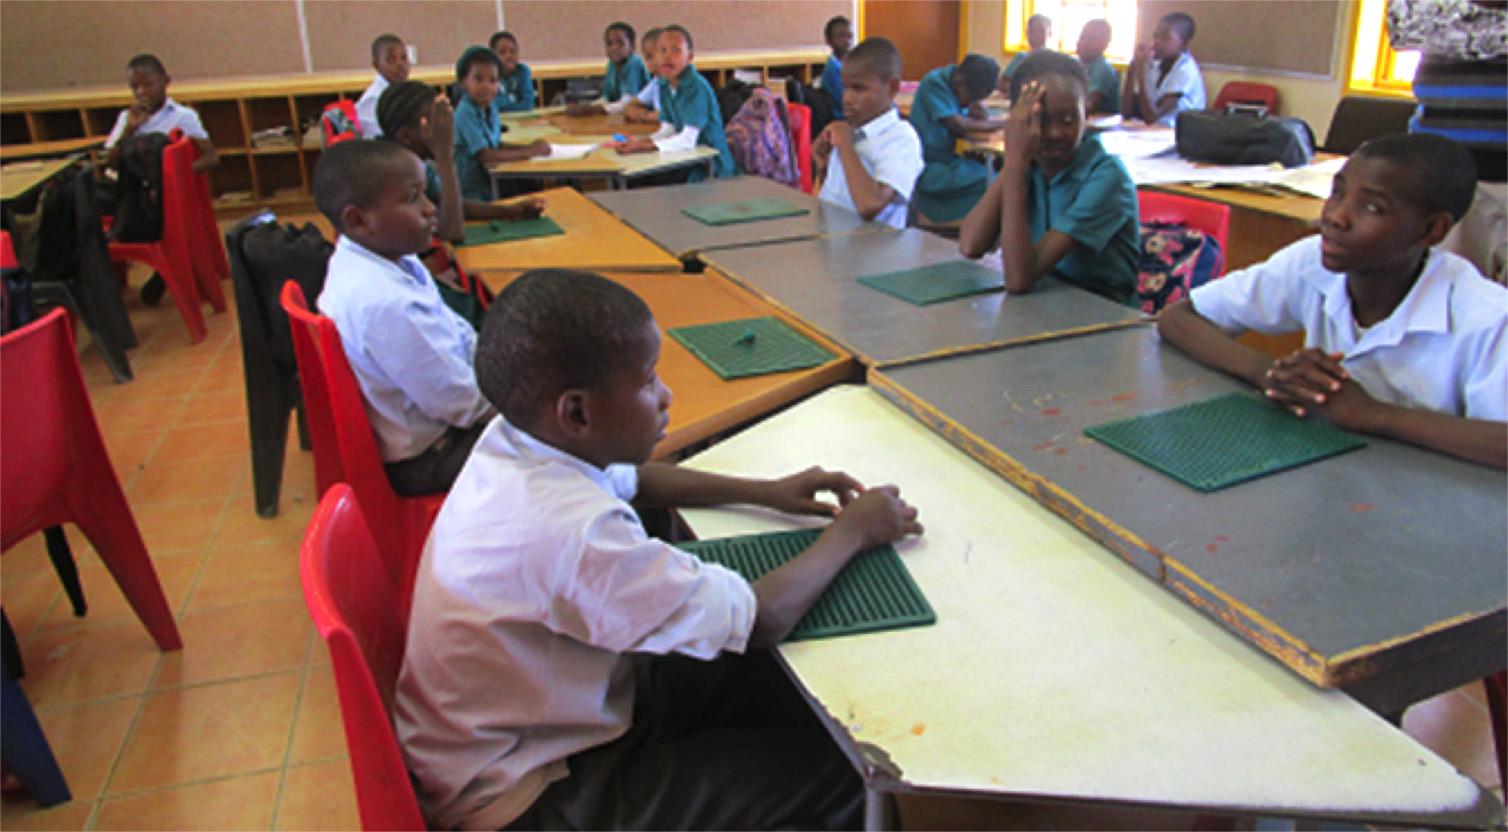 klas in uganda